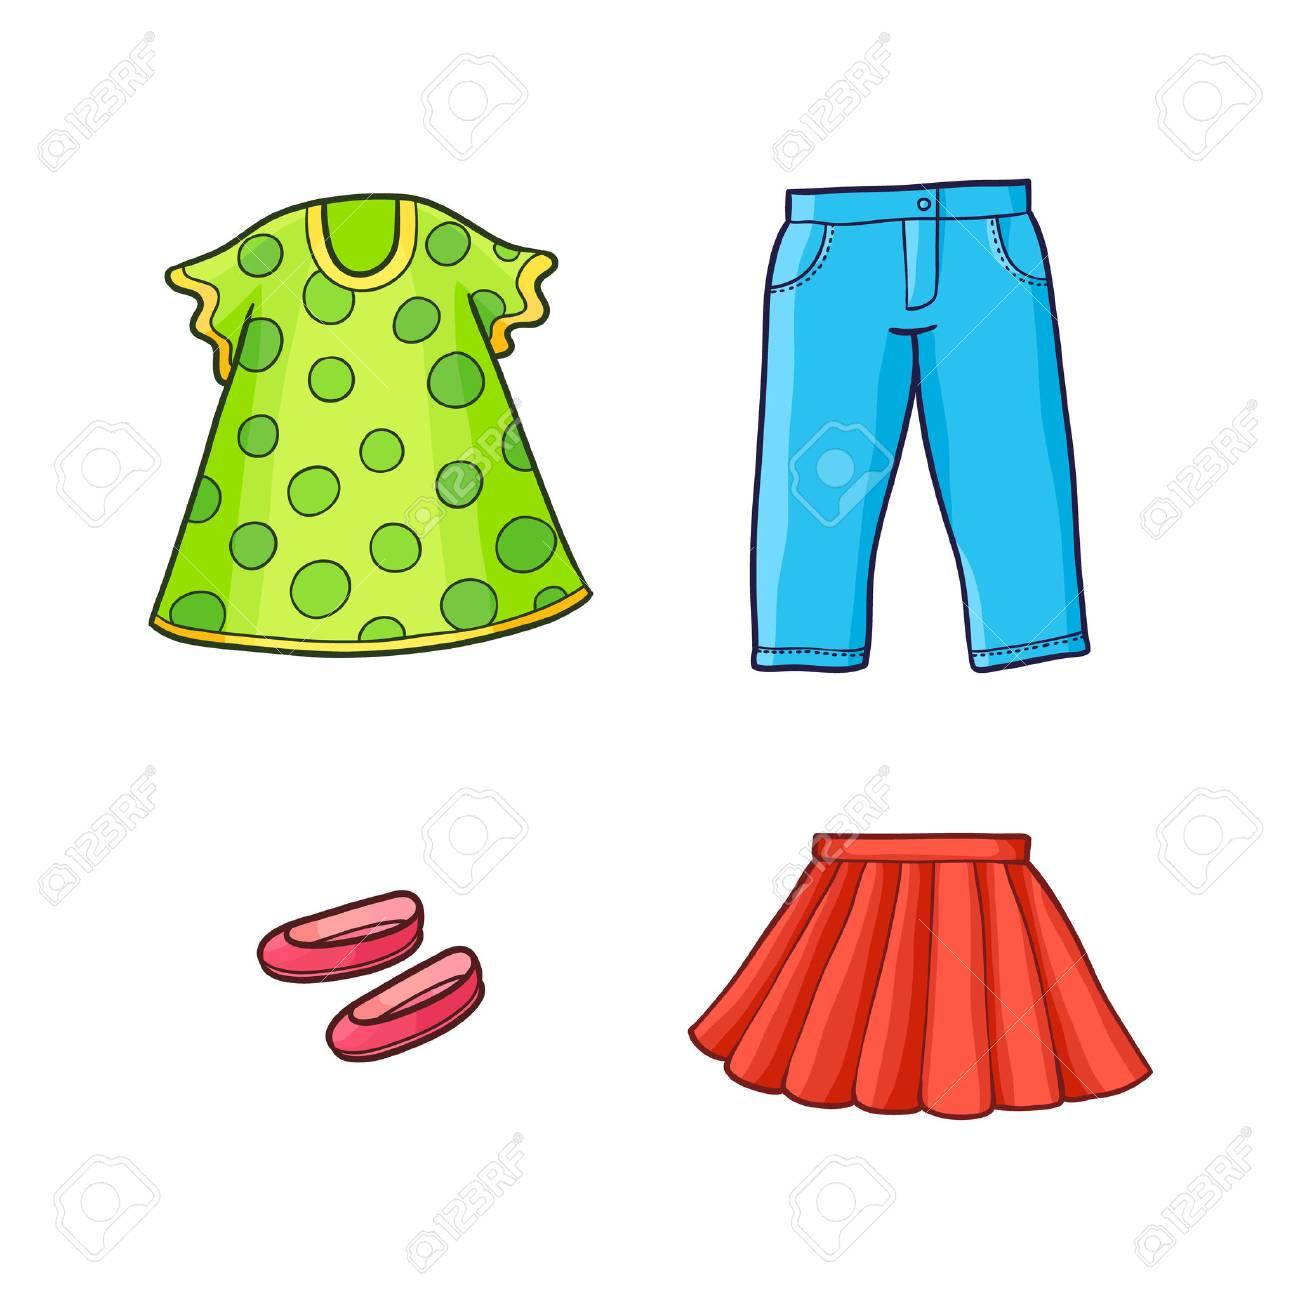 8a386db60 Conjunto de ropa de vector niño de dibujos animados plana niño equipo -  vestido punteado verde, zapatos rojos y falda, pantalones de mezclilla  azul. ...